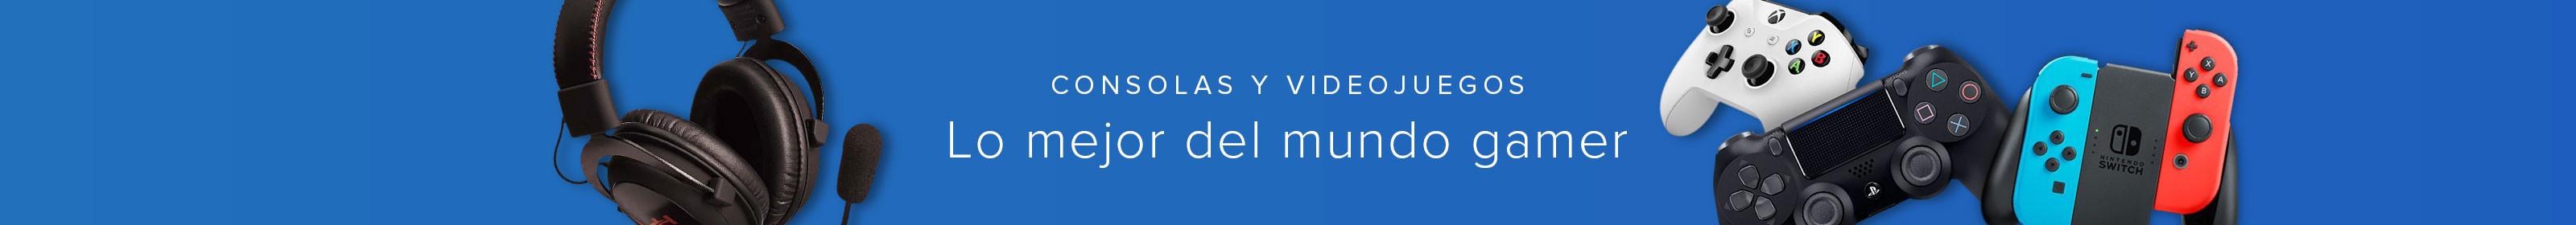 CONSOLAS_Y_VIDEOJUEGOS